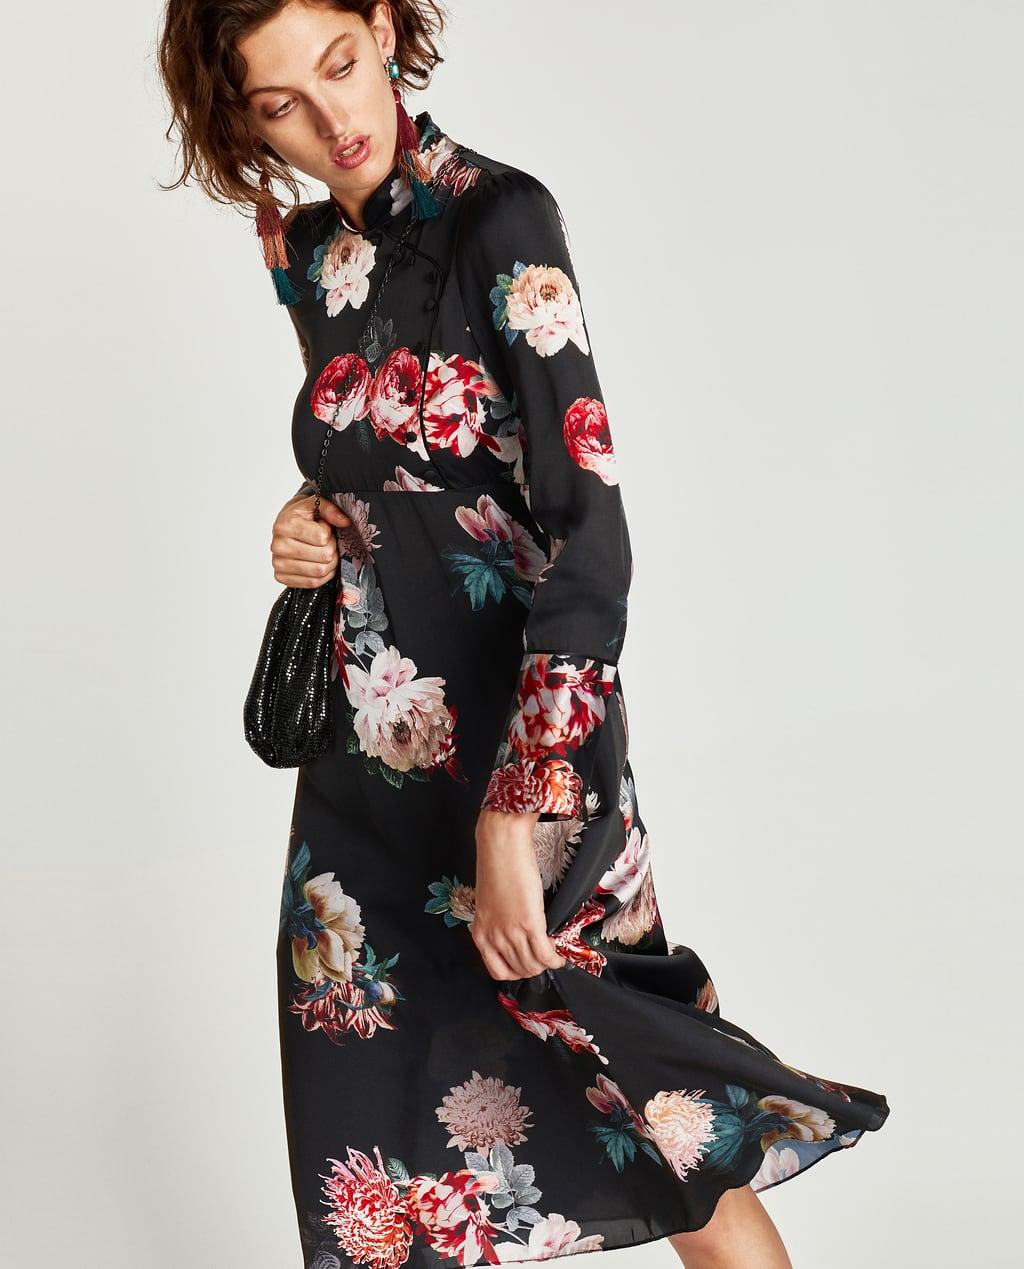 Zara, $23